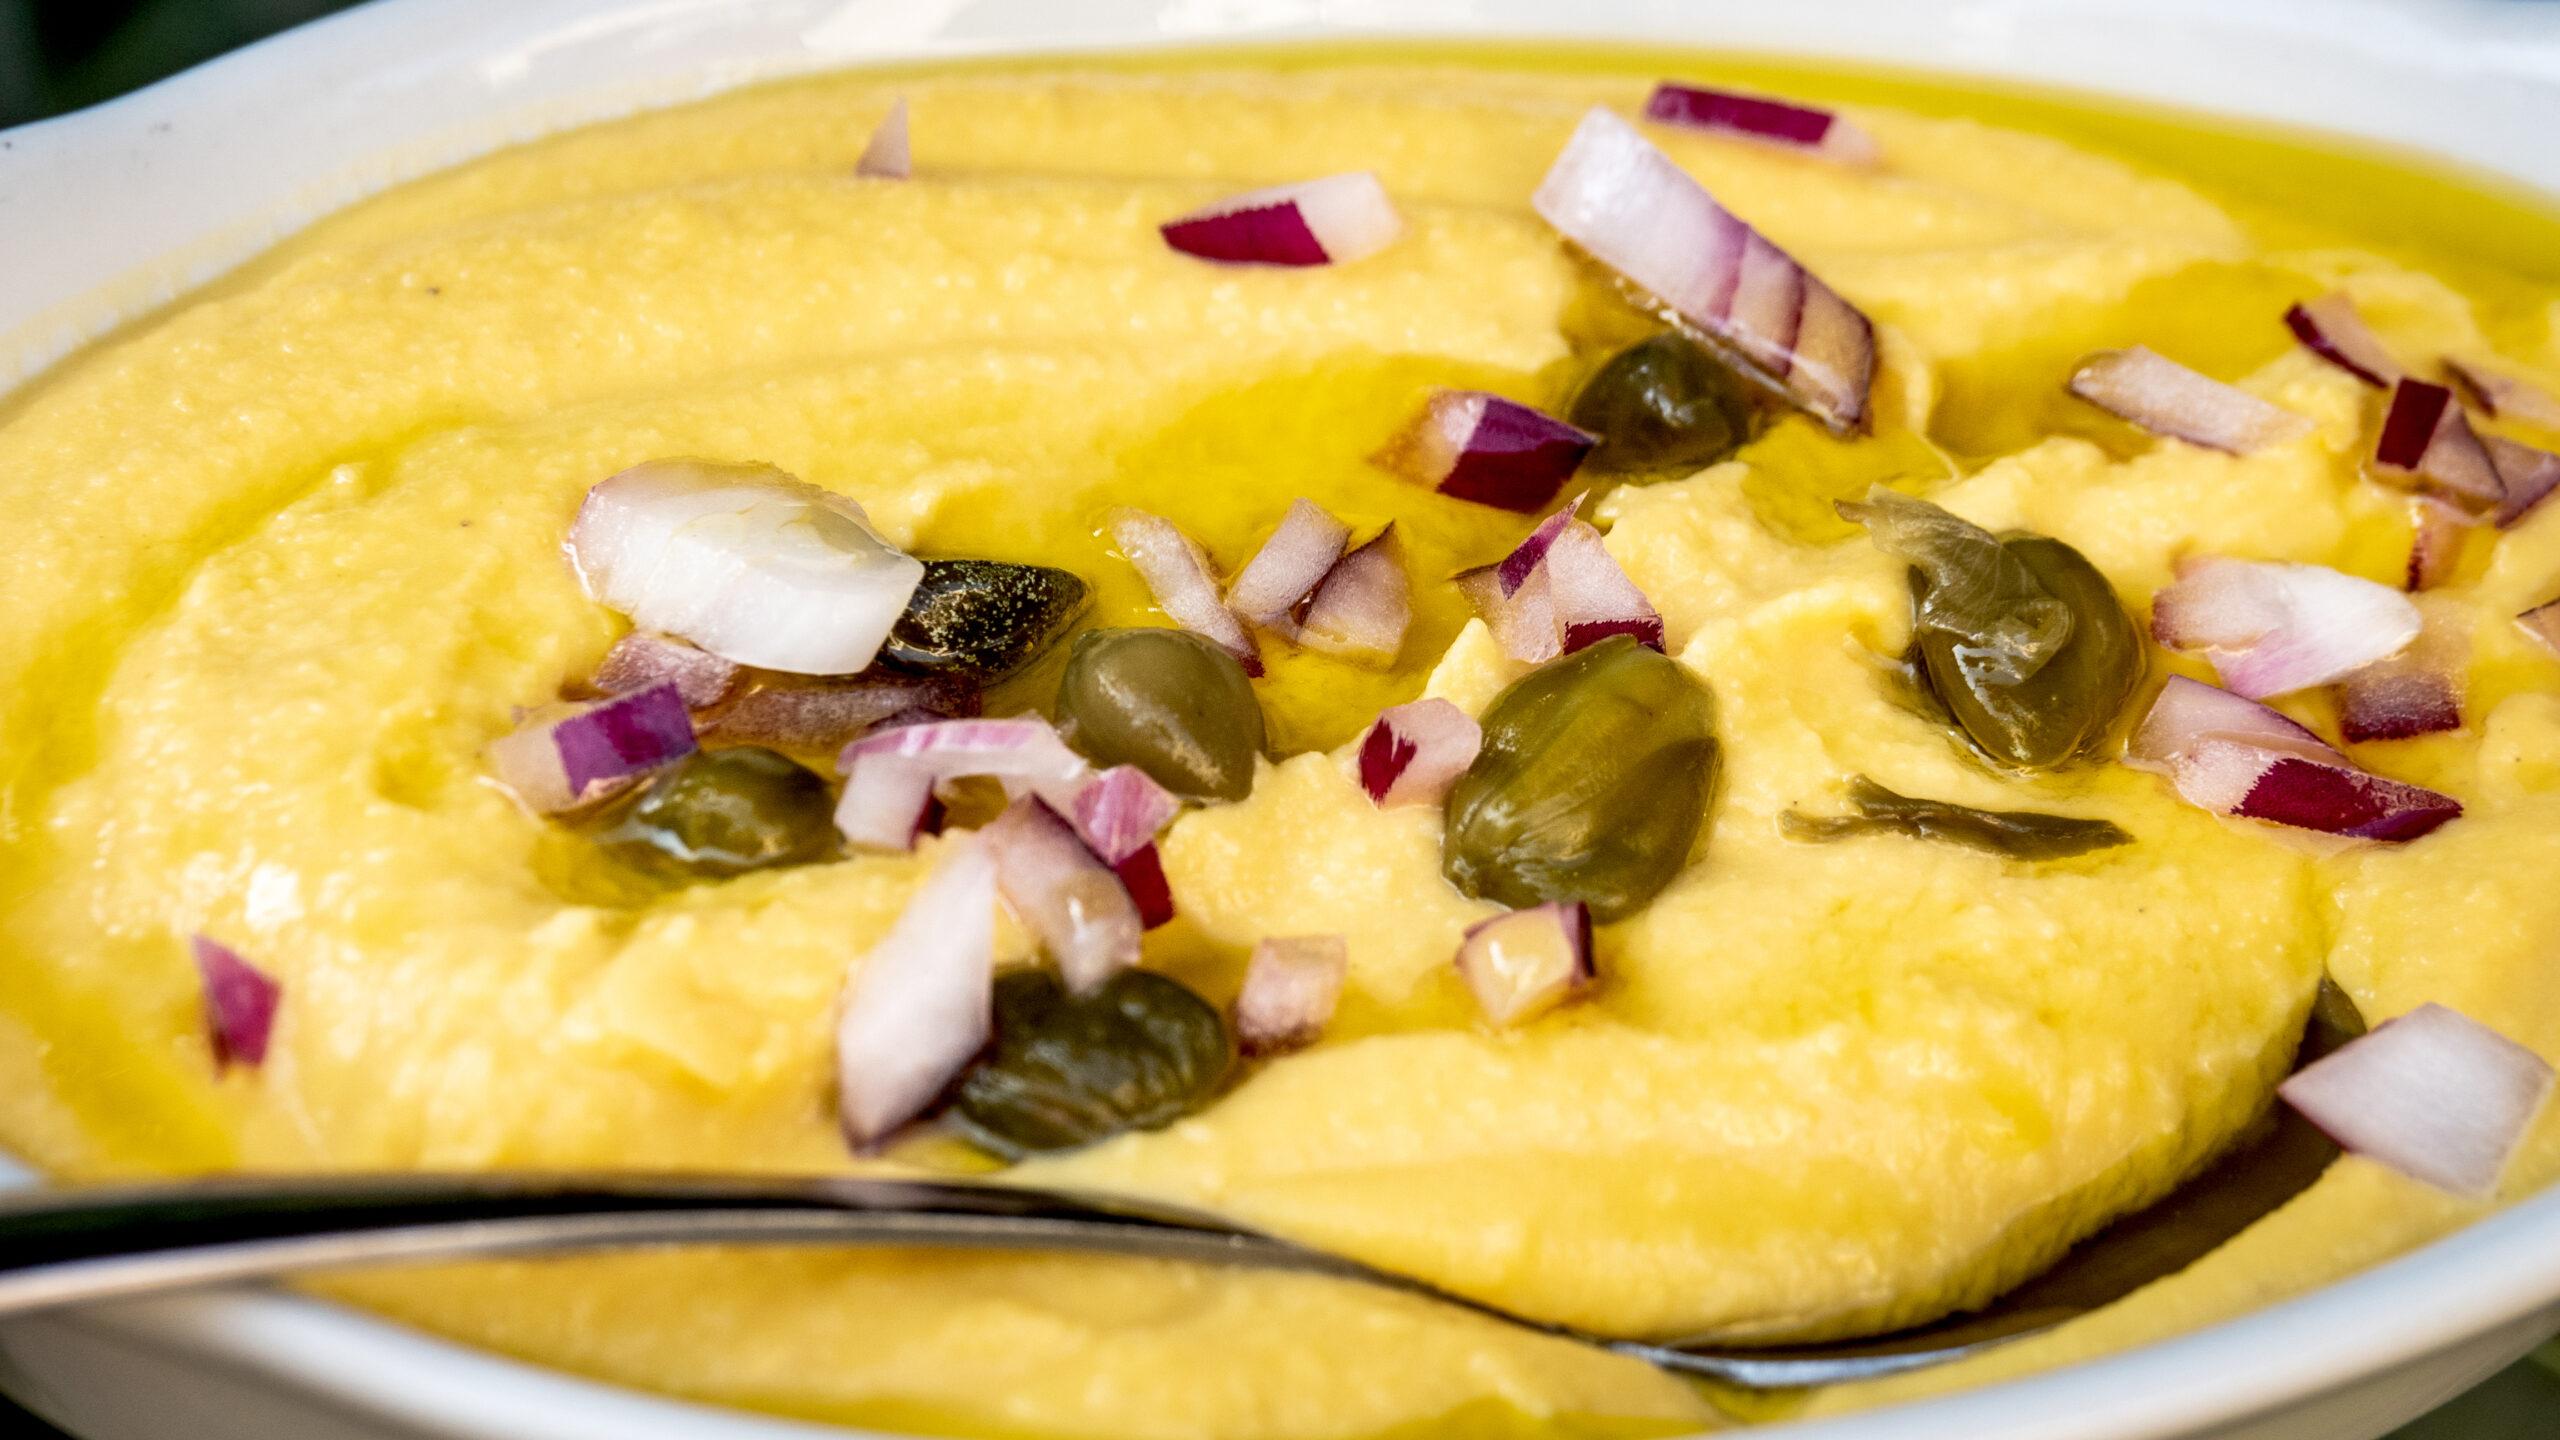 Reise-Tipp: Schätze der zyprischen Küche entdecken